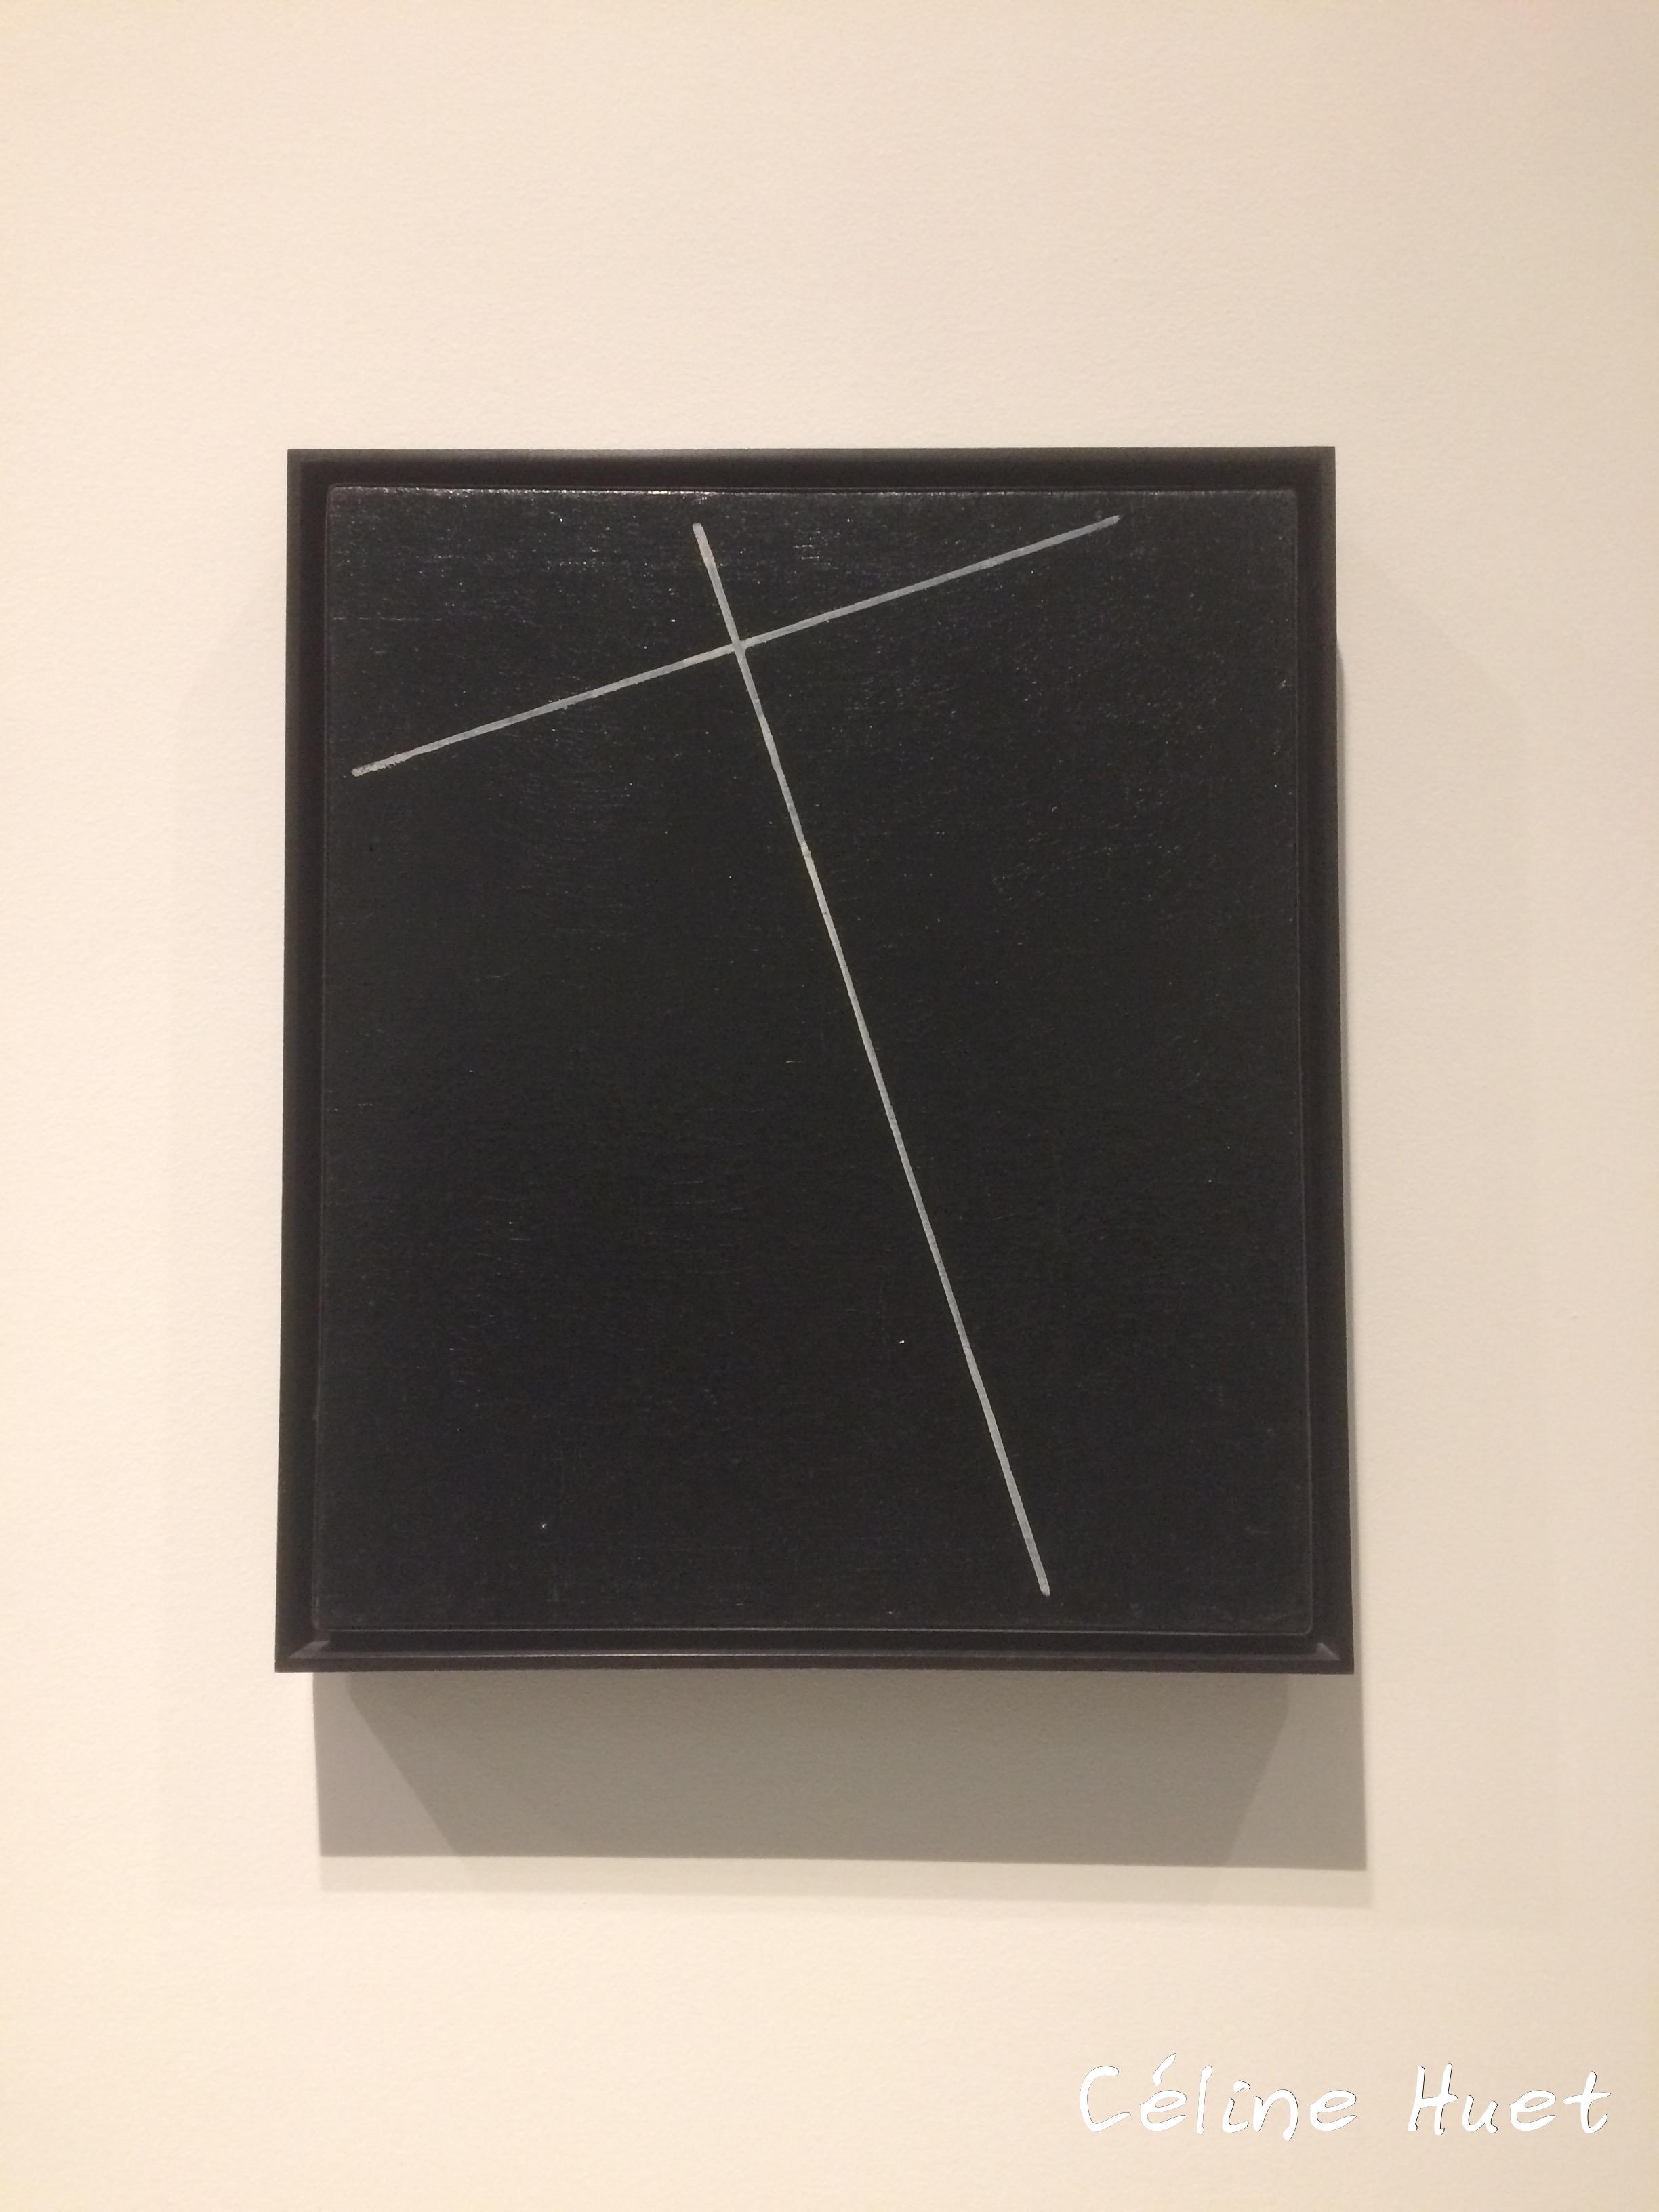 Ligne n° 128 Rodtchenko Icônes de l'Art Moderne Fondation Louis Vuitton Paris